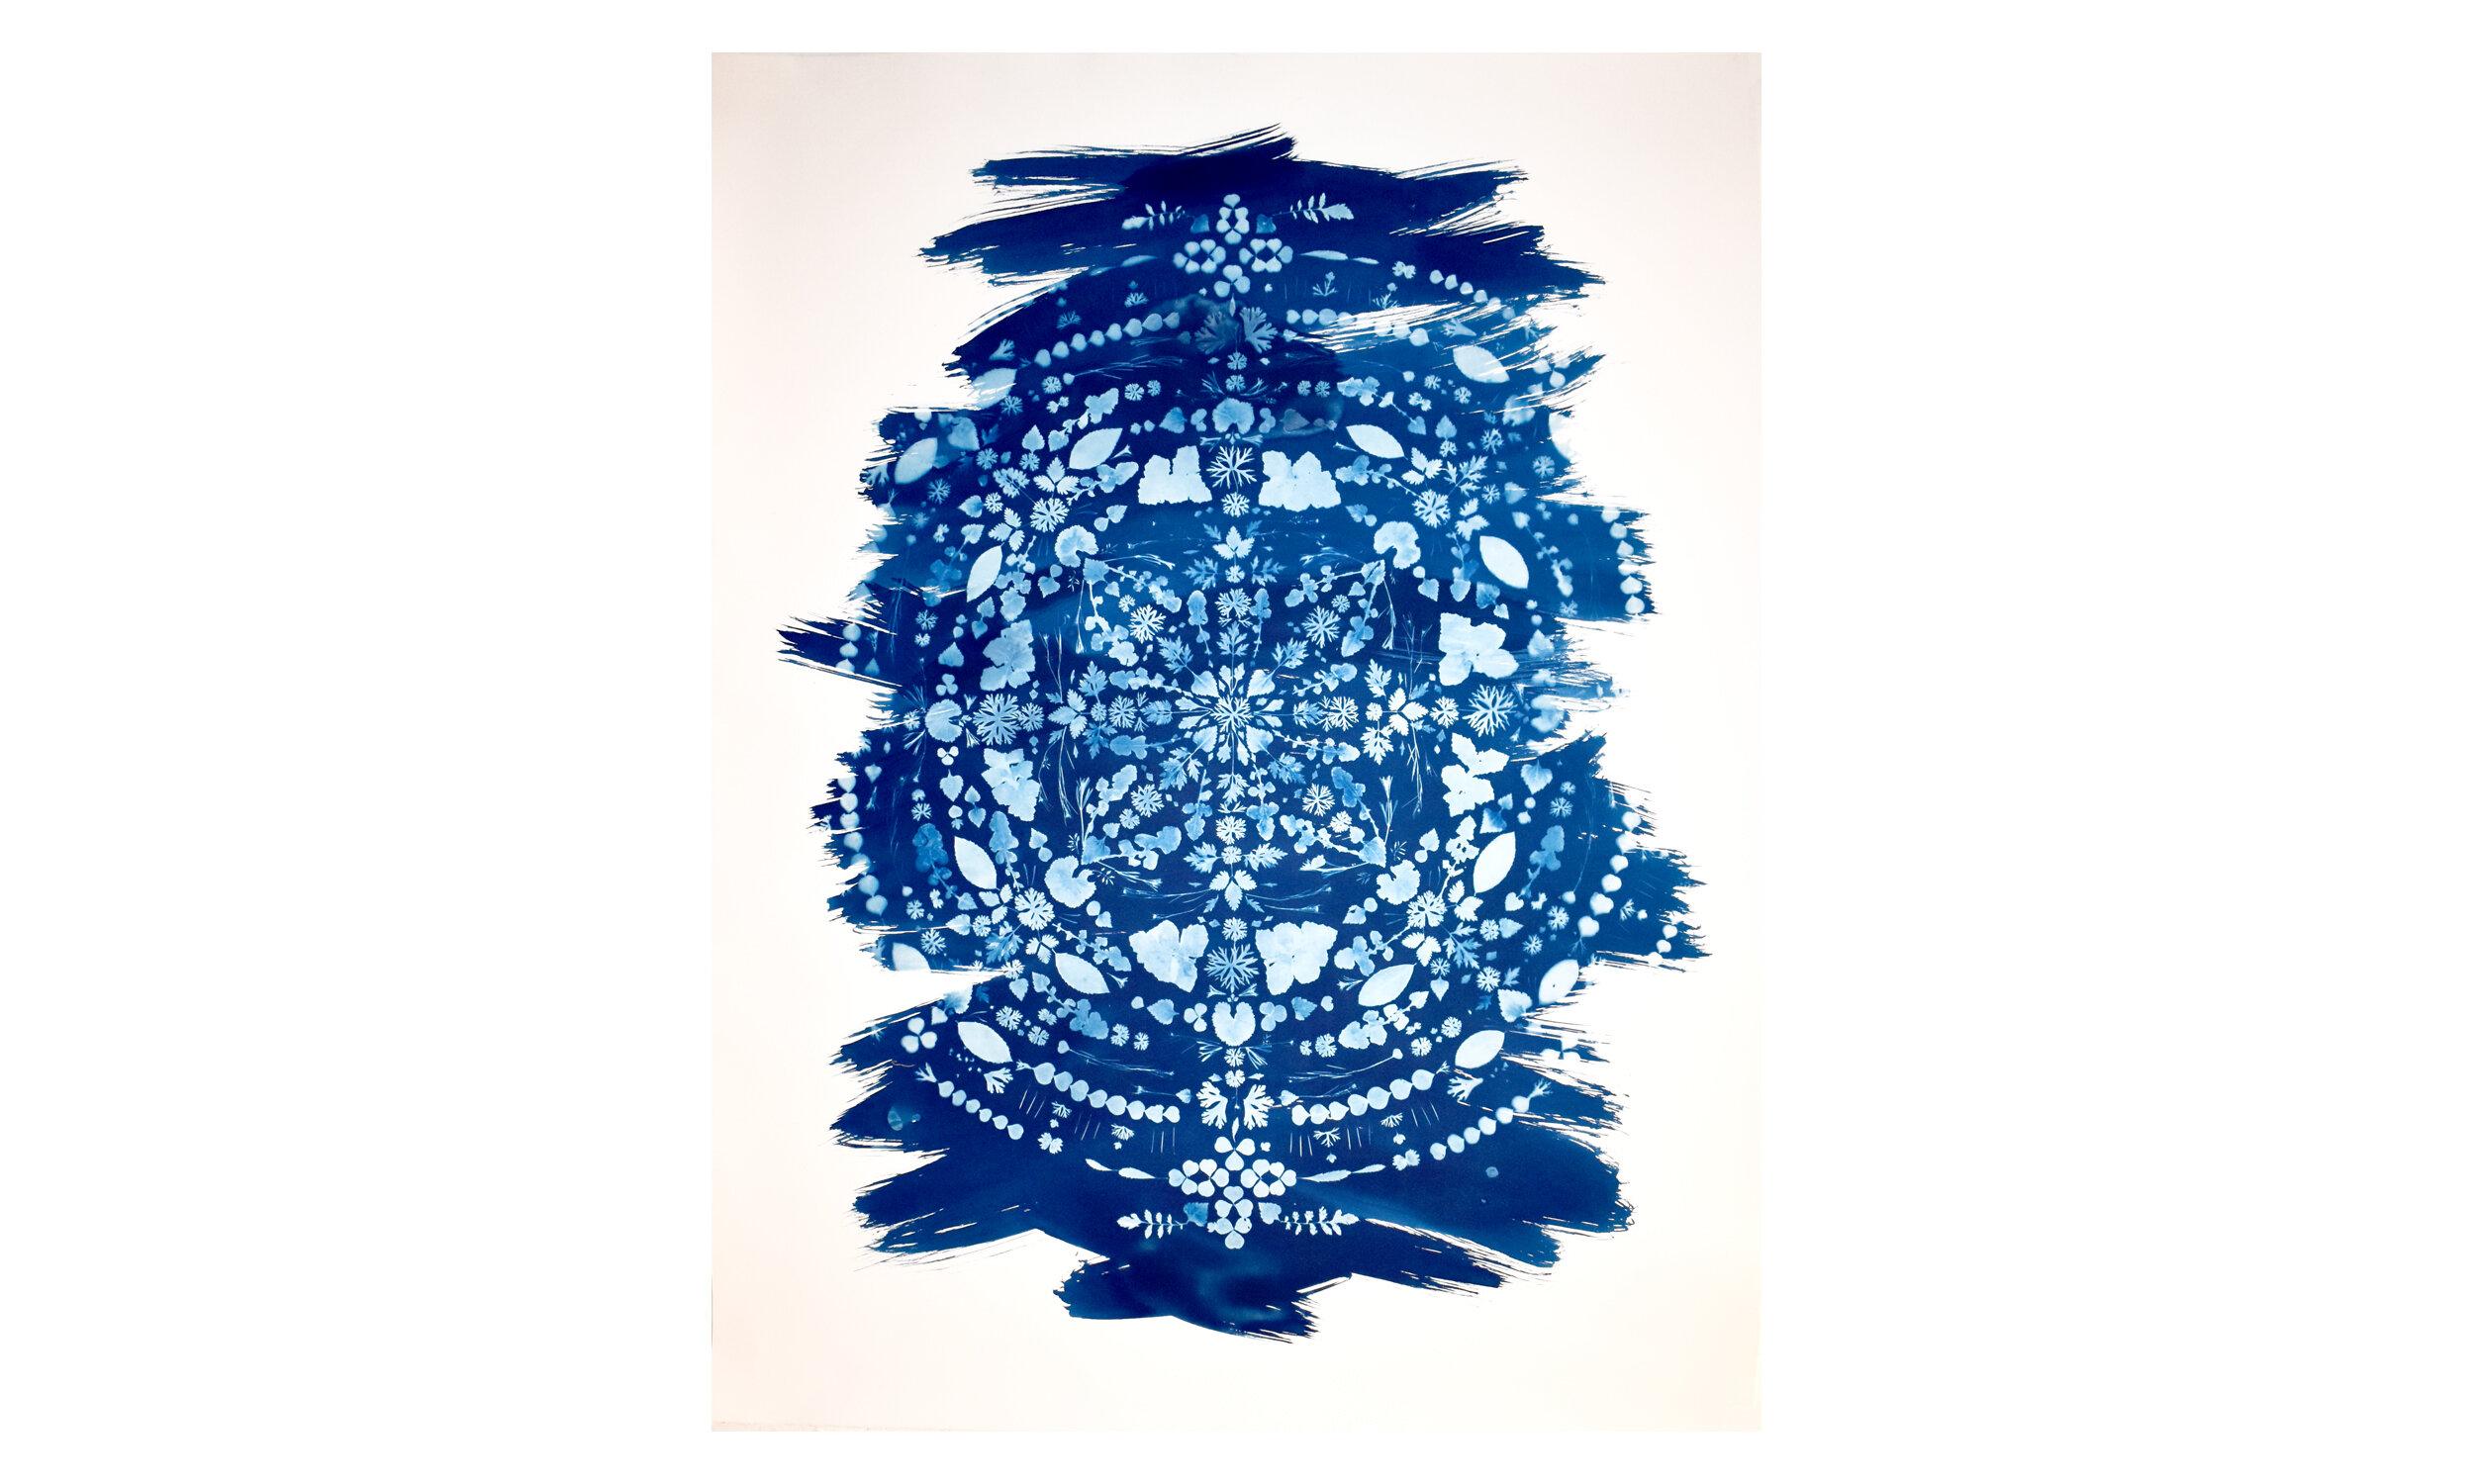 """Earthly Mandala III,  cyanotype on paper, 41.25"""" x 55.25"""", unframed $ 3,500    Contact us for purchase"""